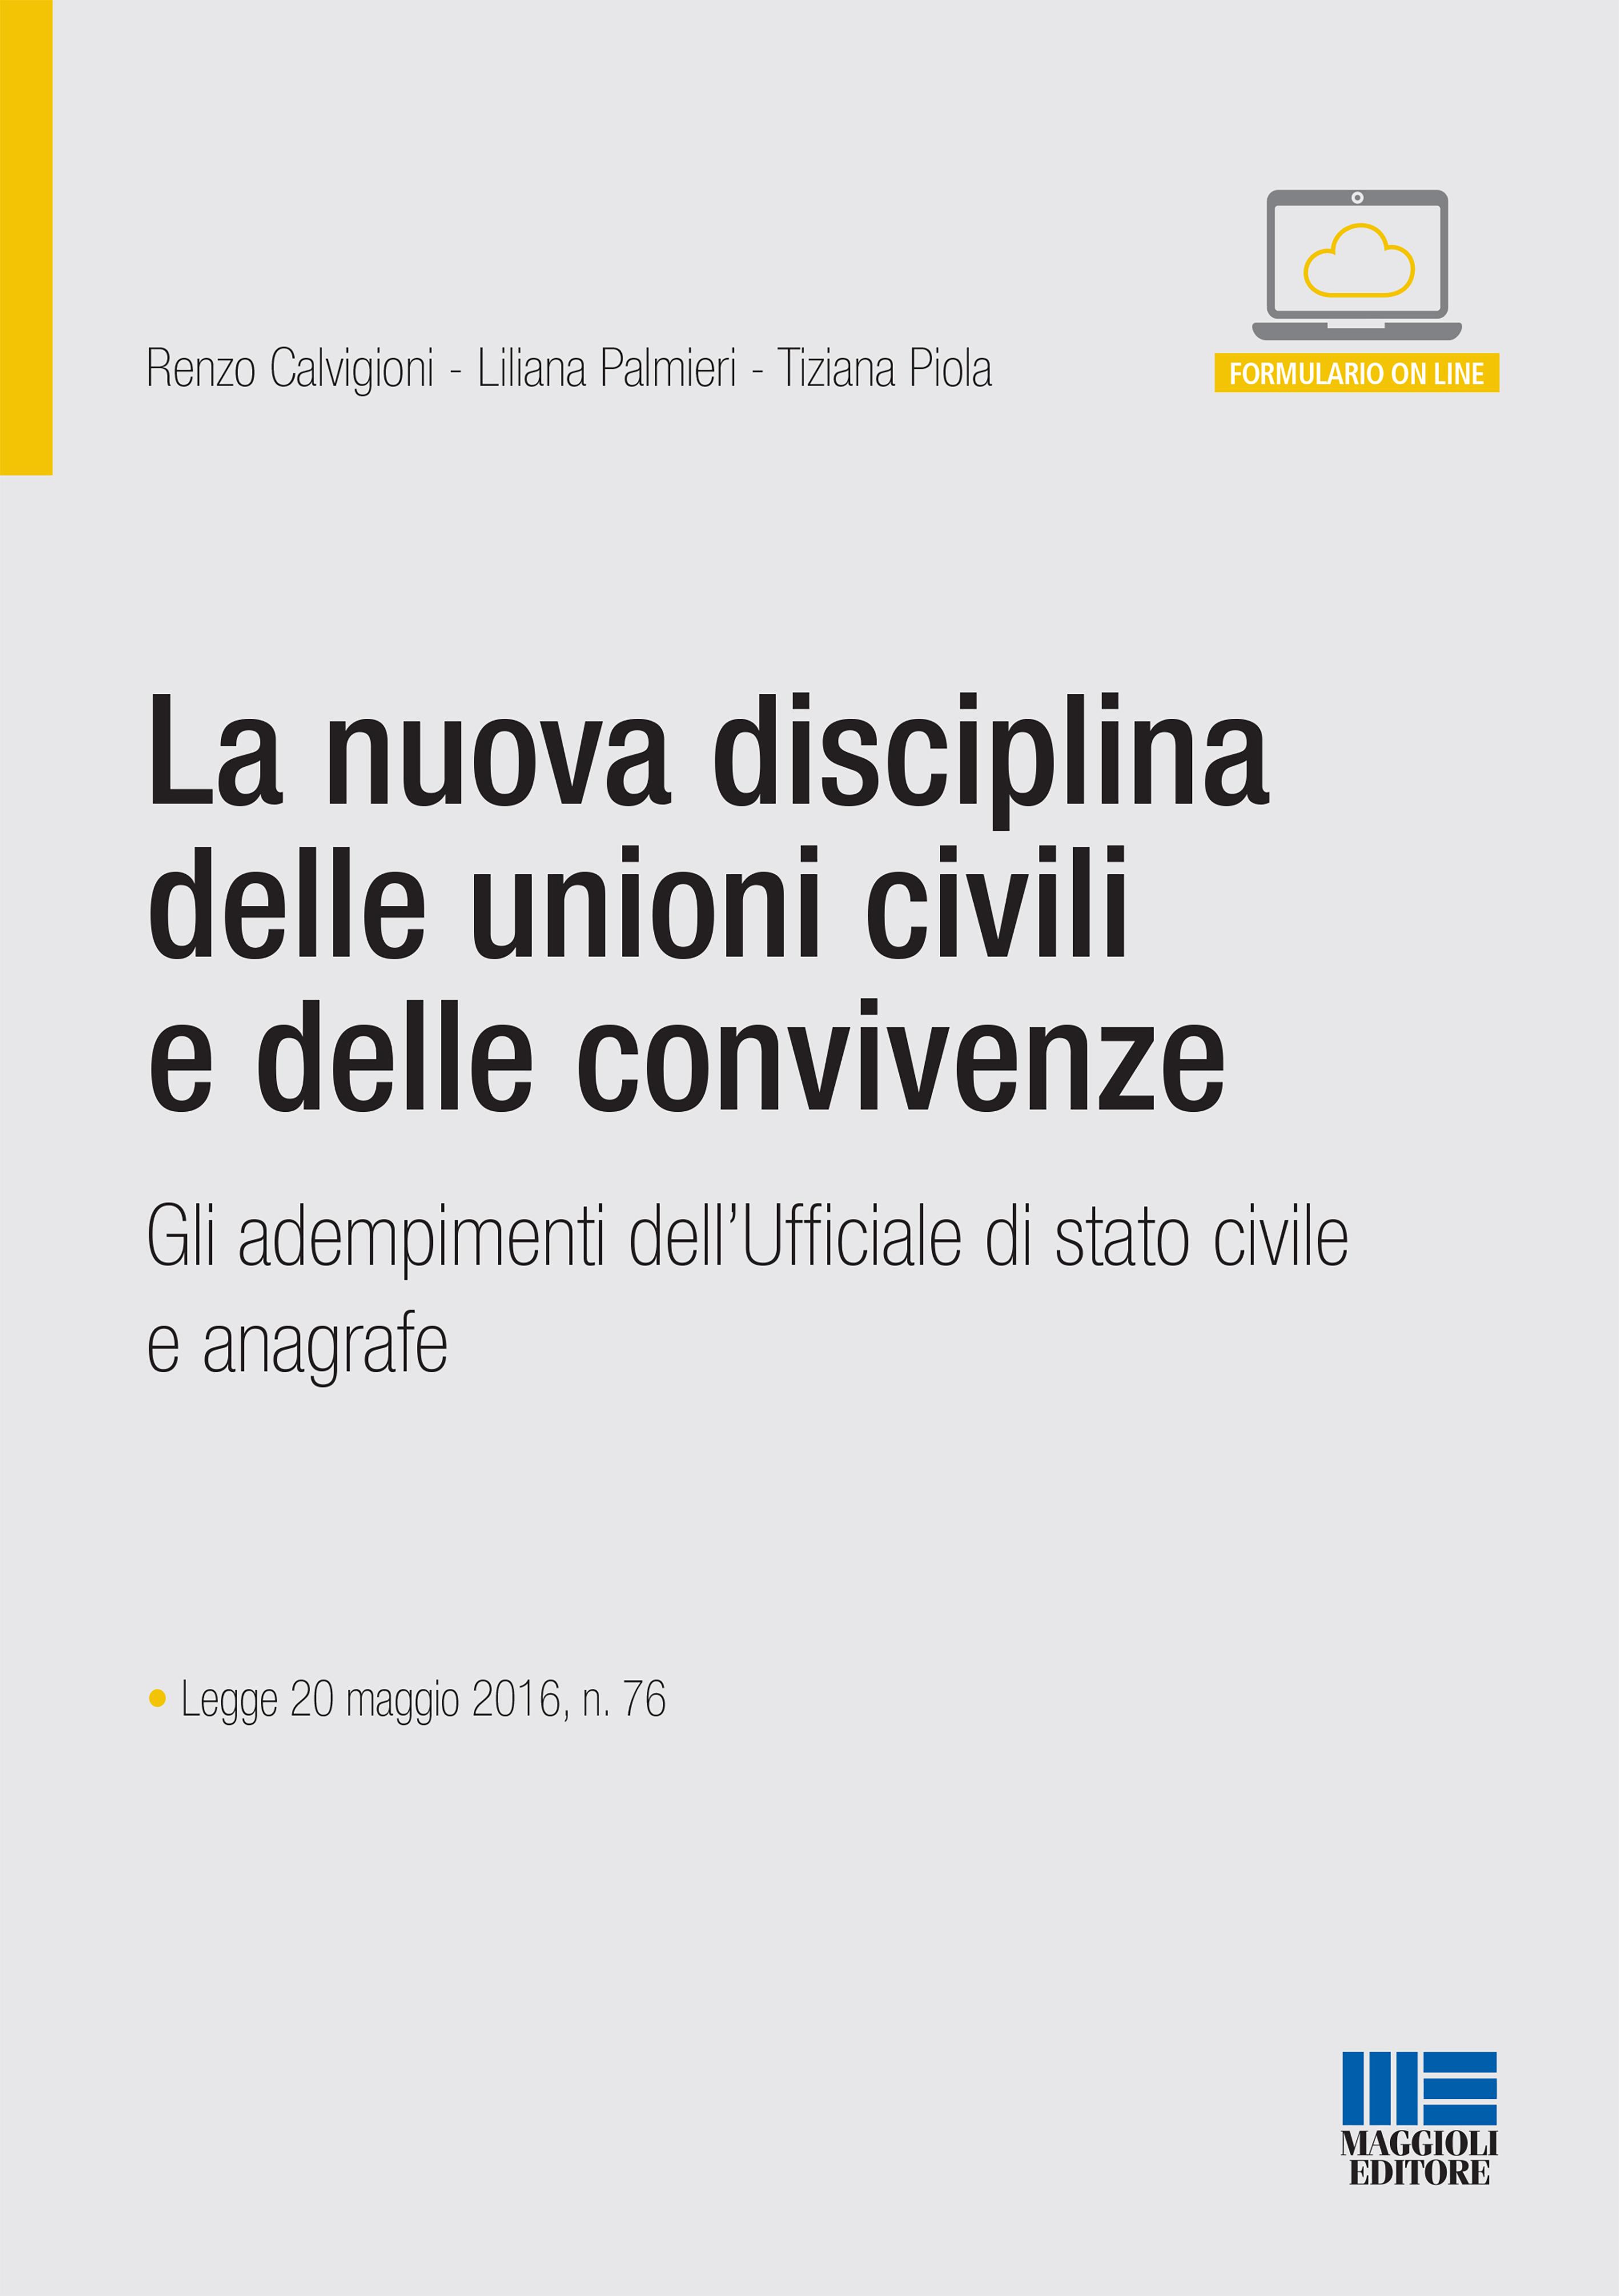 La nuova disciplina delle unioni civili e delle convivenze